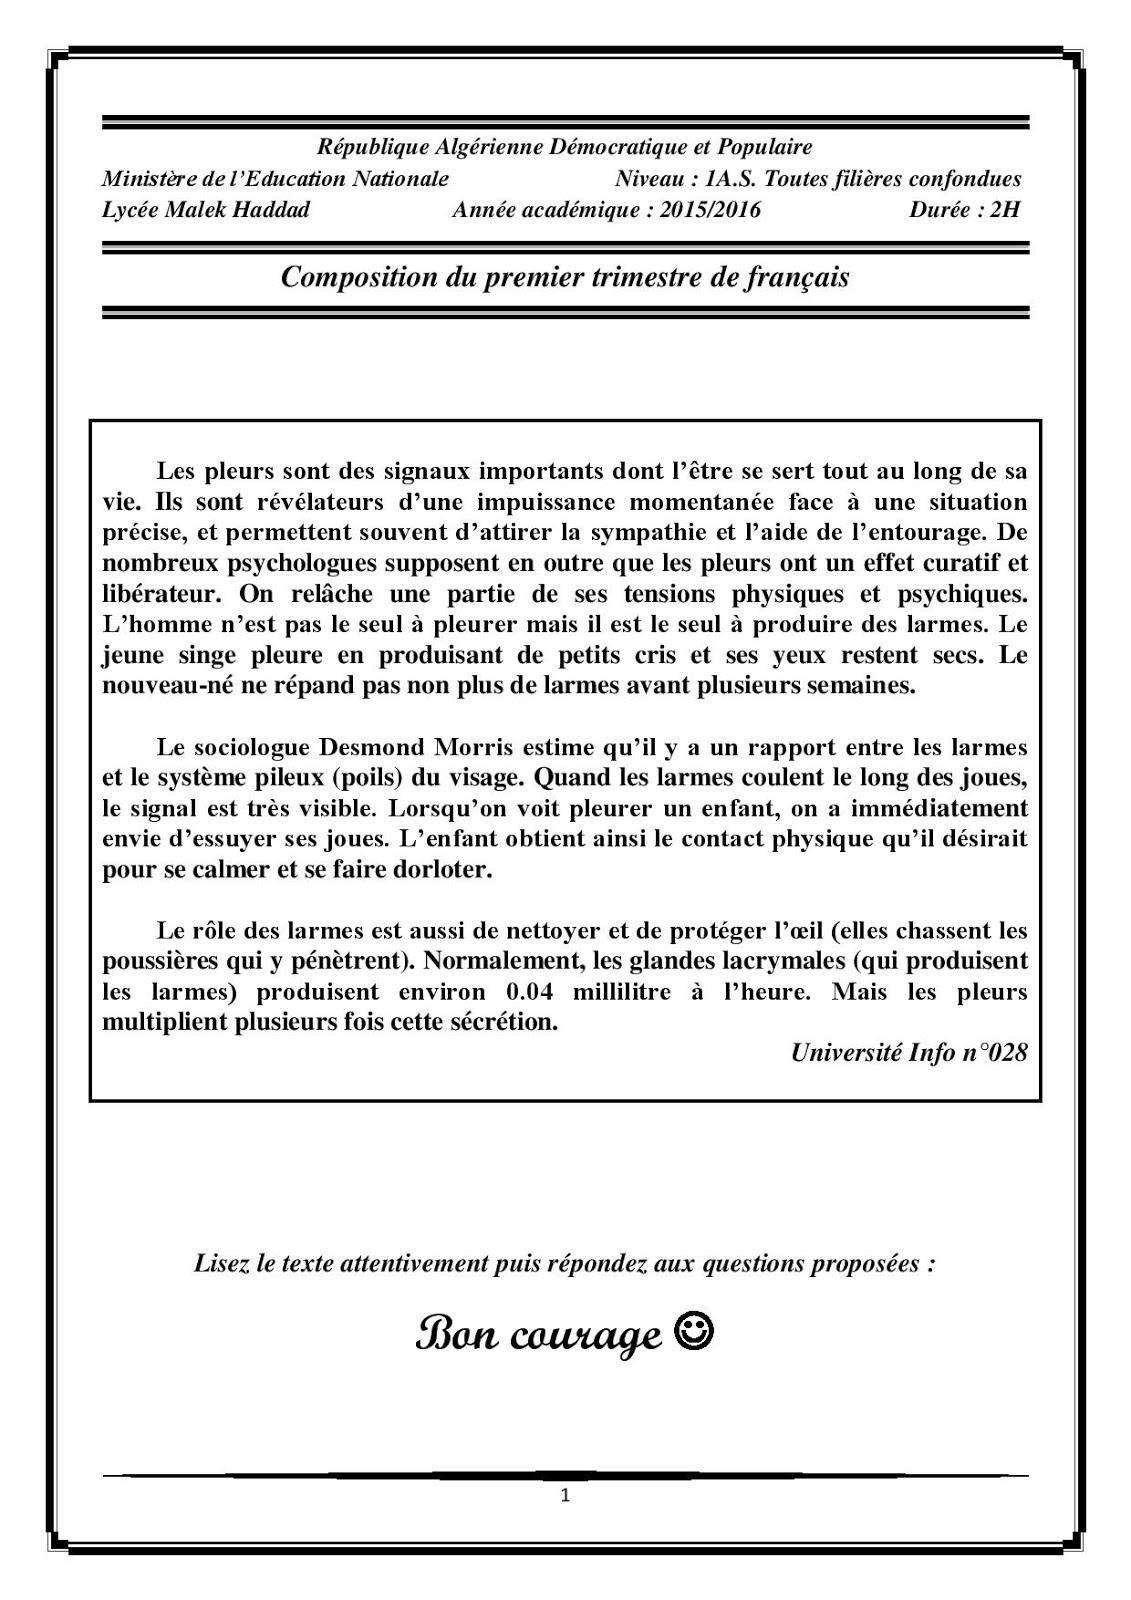 coposition de premier trimestre de français